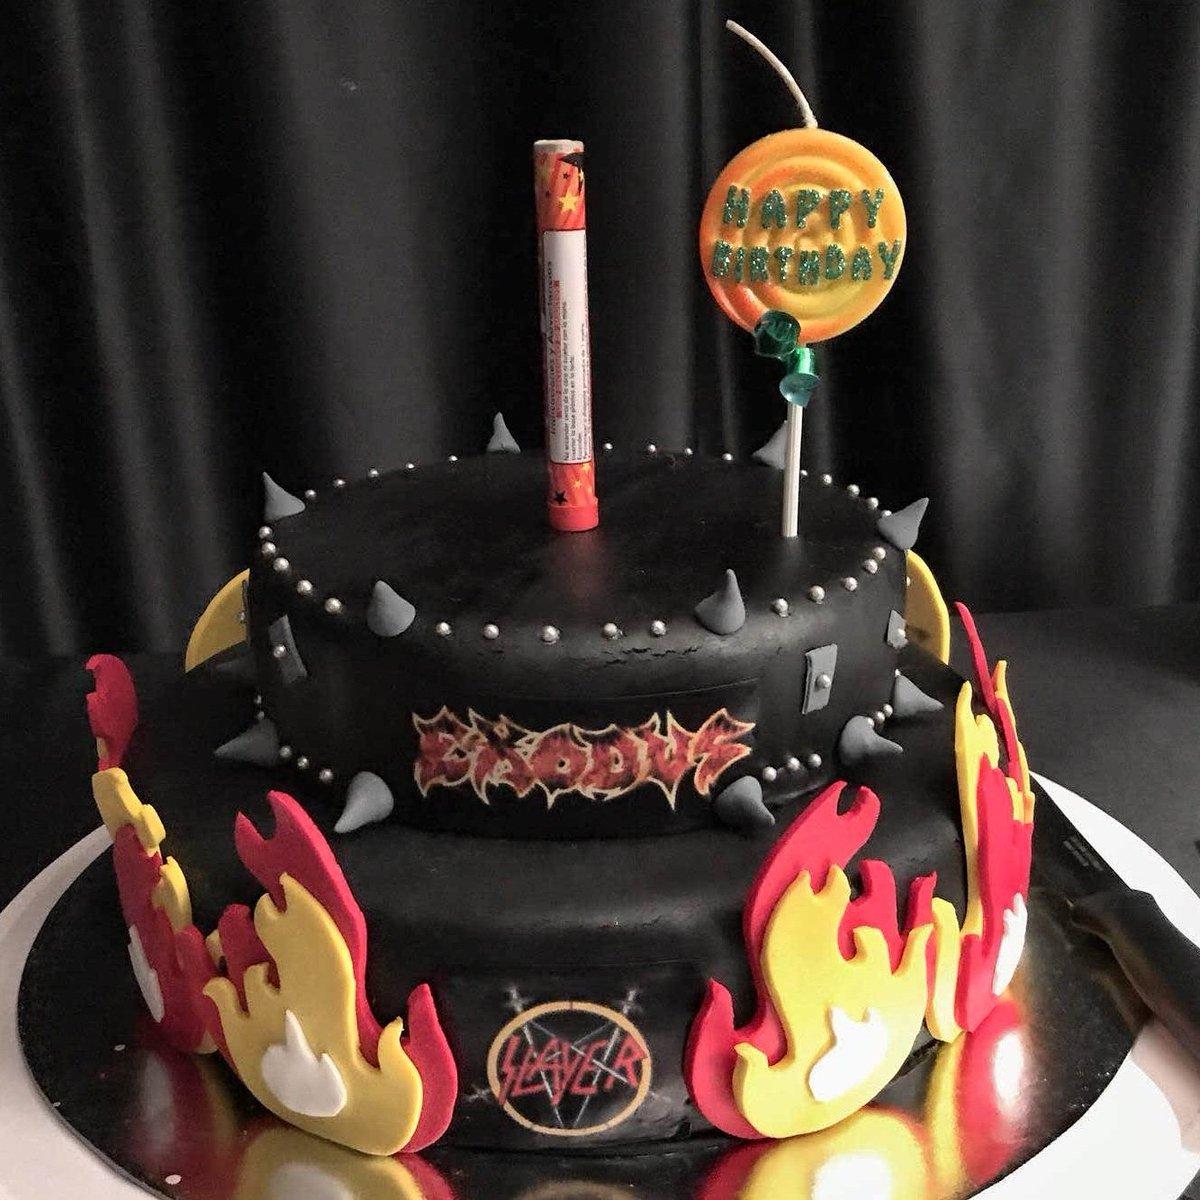 Lisa Holt Lisaholt Twitter - Slayer birthday cake